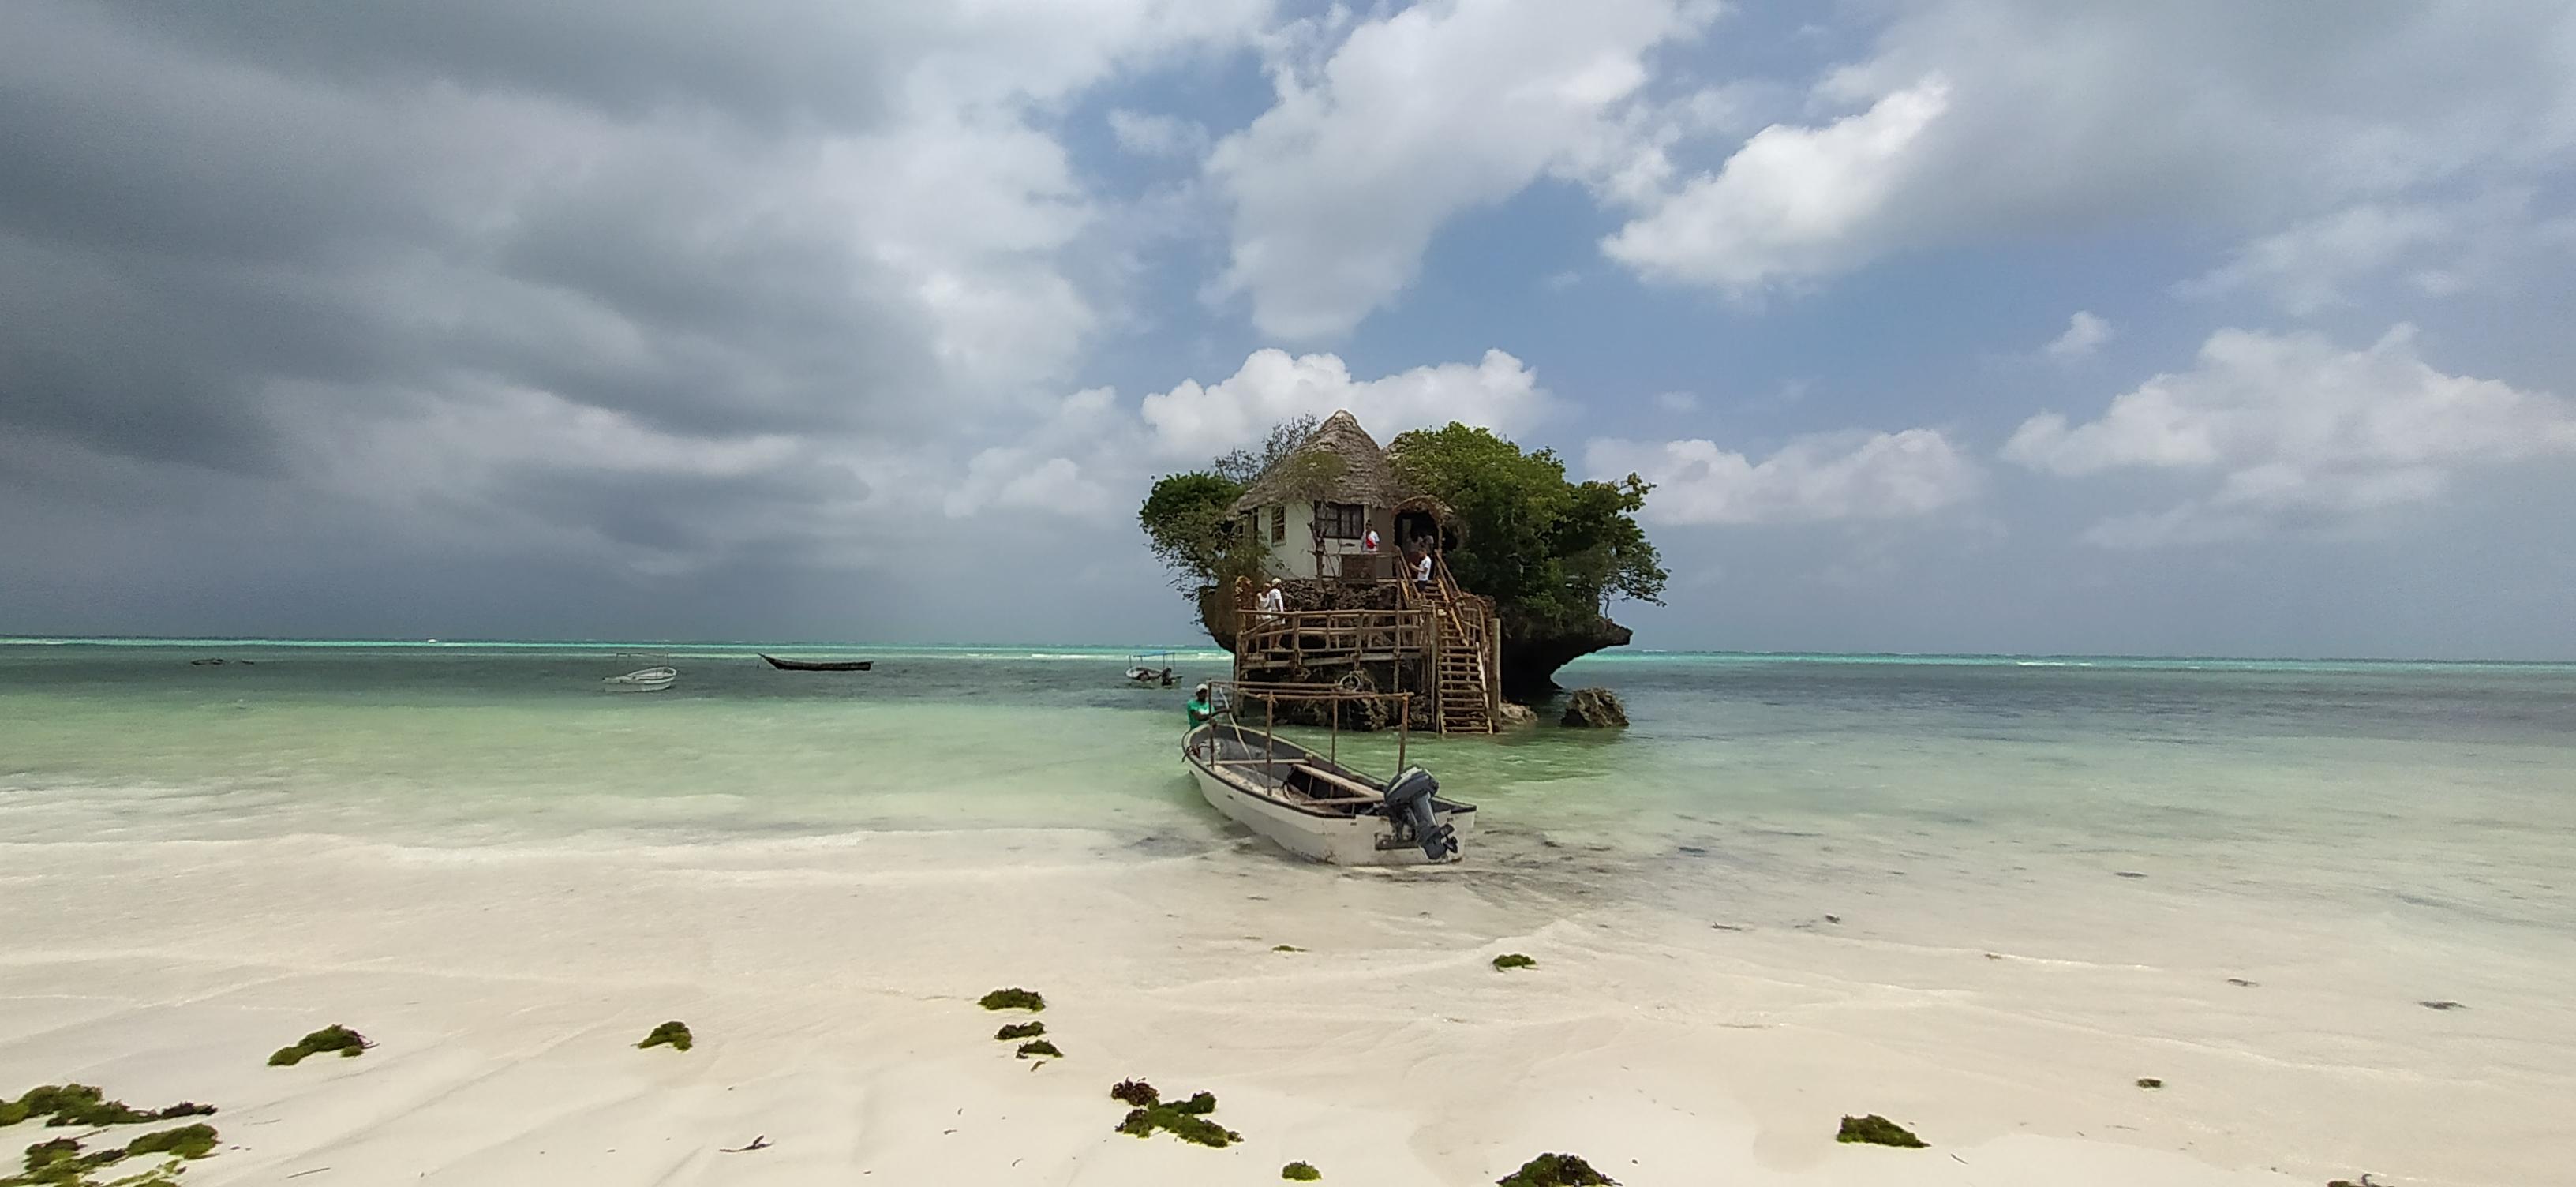 Main image of9 jours sur l'île de Zanzibar